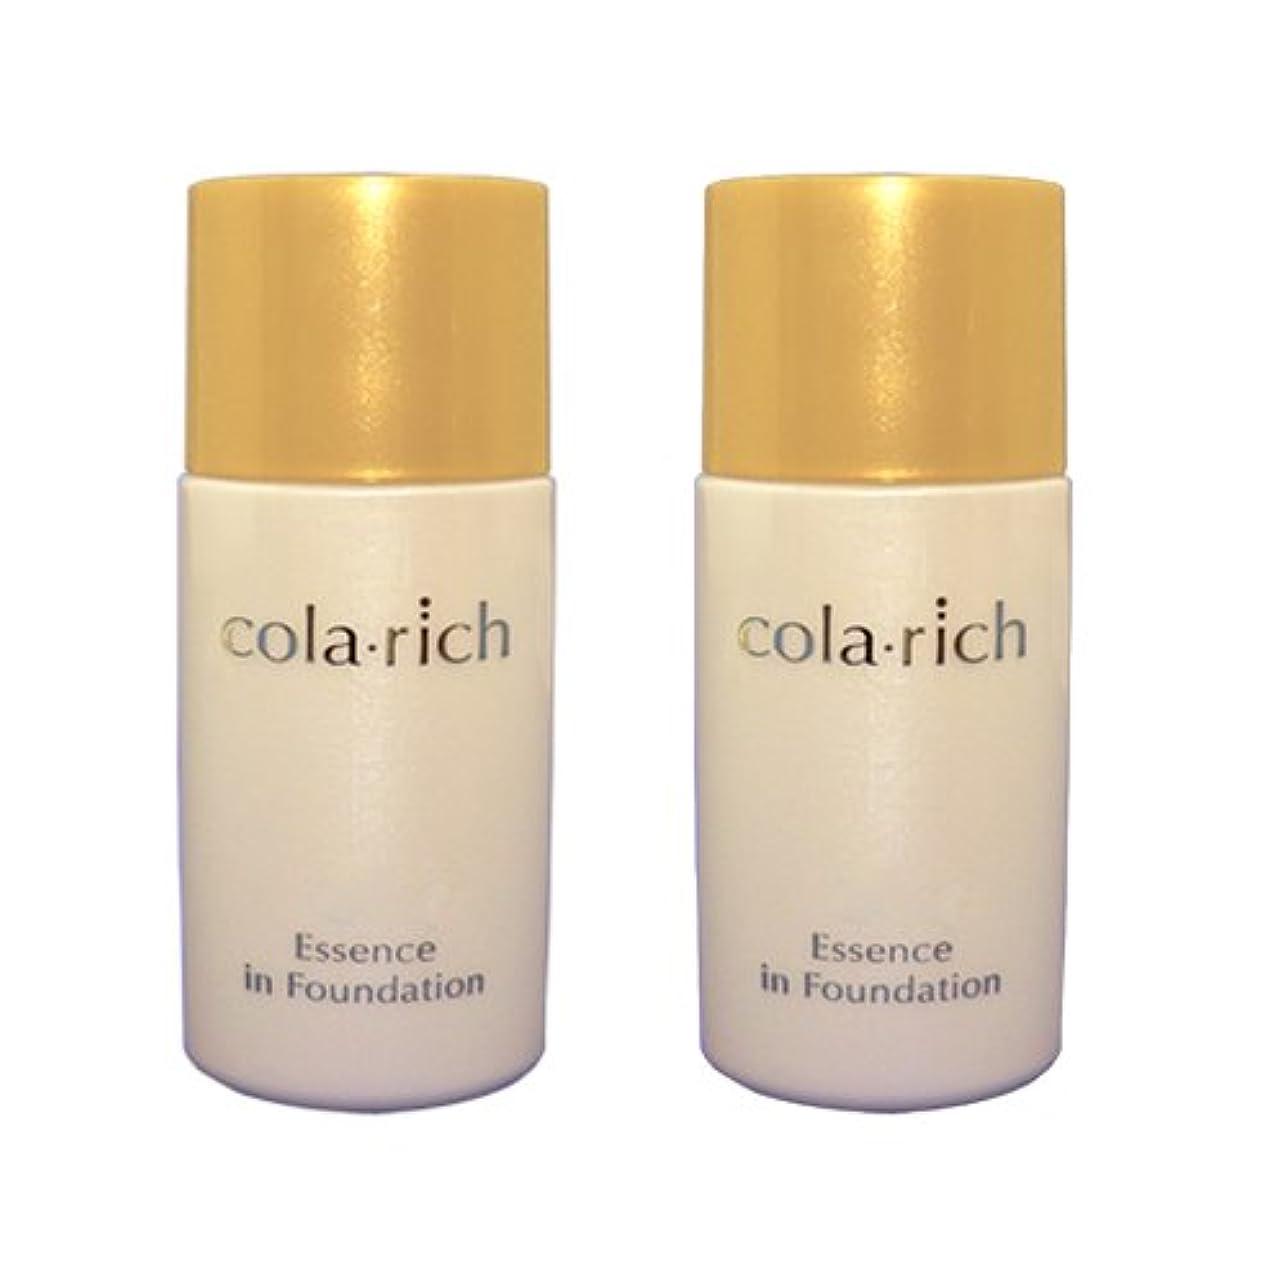 パーティション奨励します変化コラリッチ 美容液ファンデーション 2個まとめ買い (色白肌用)/キューサイ美容液ファンデーション